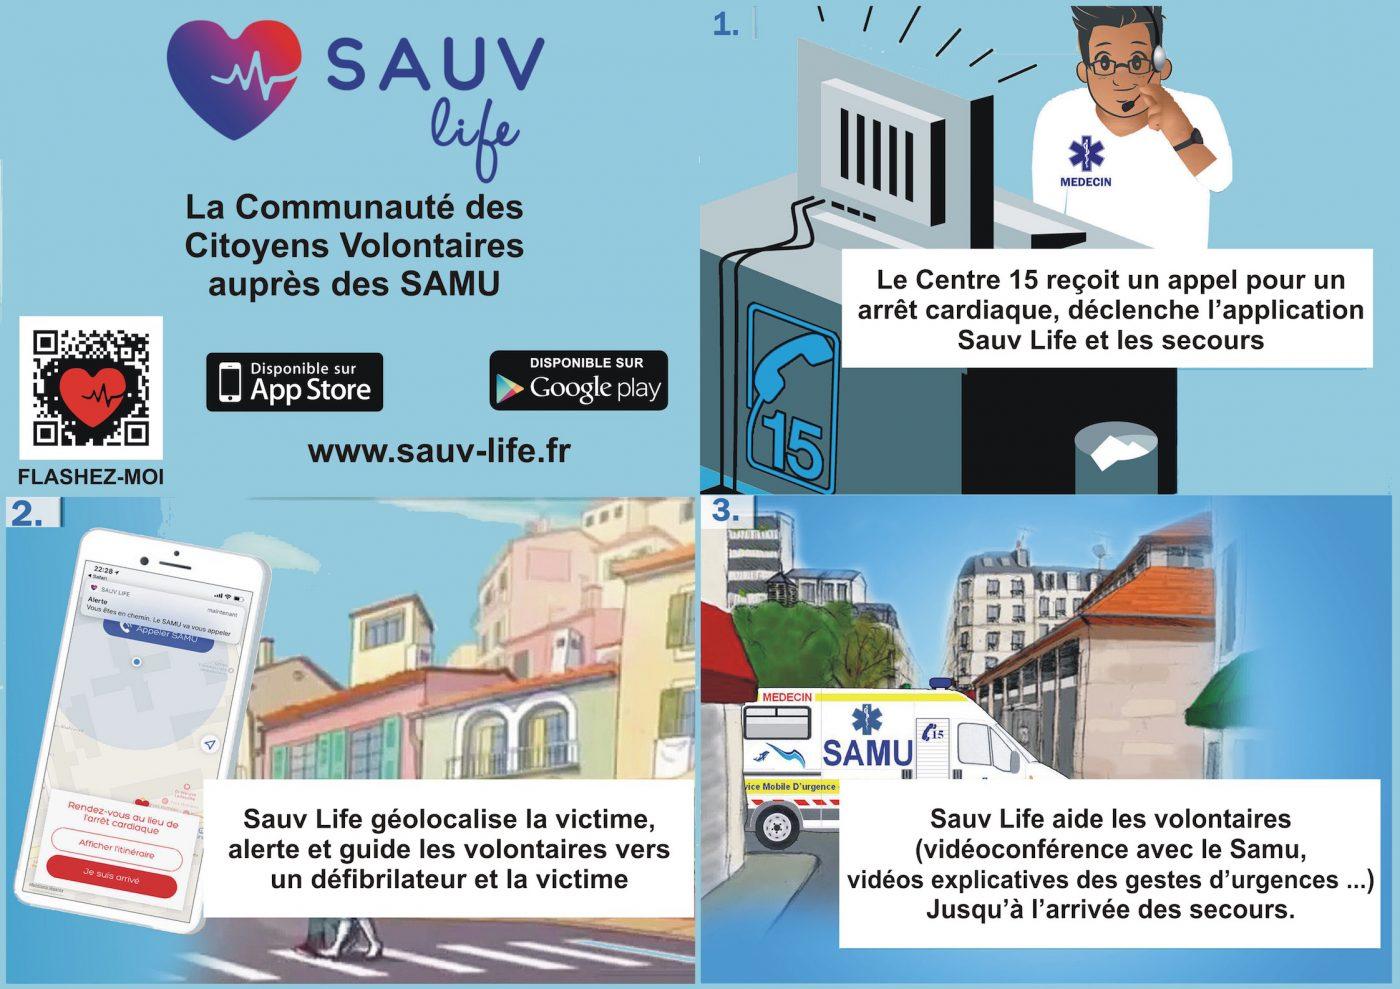 Sauv Life !